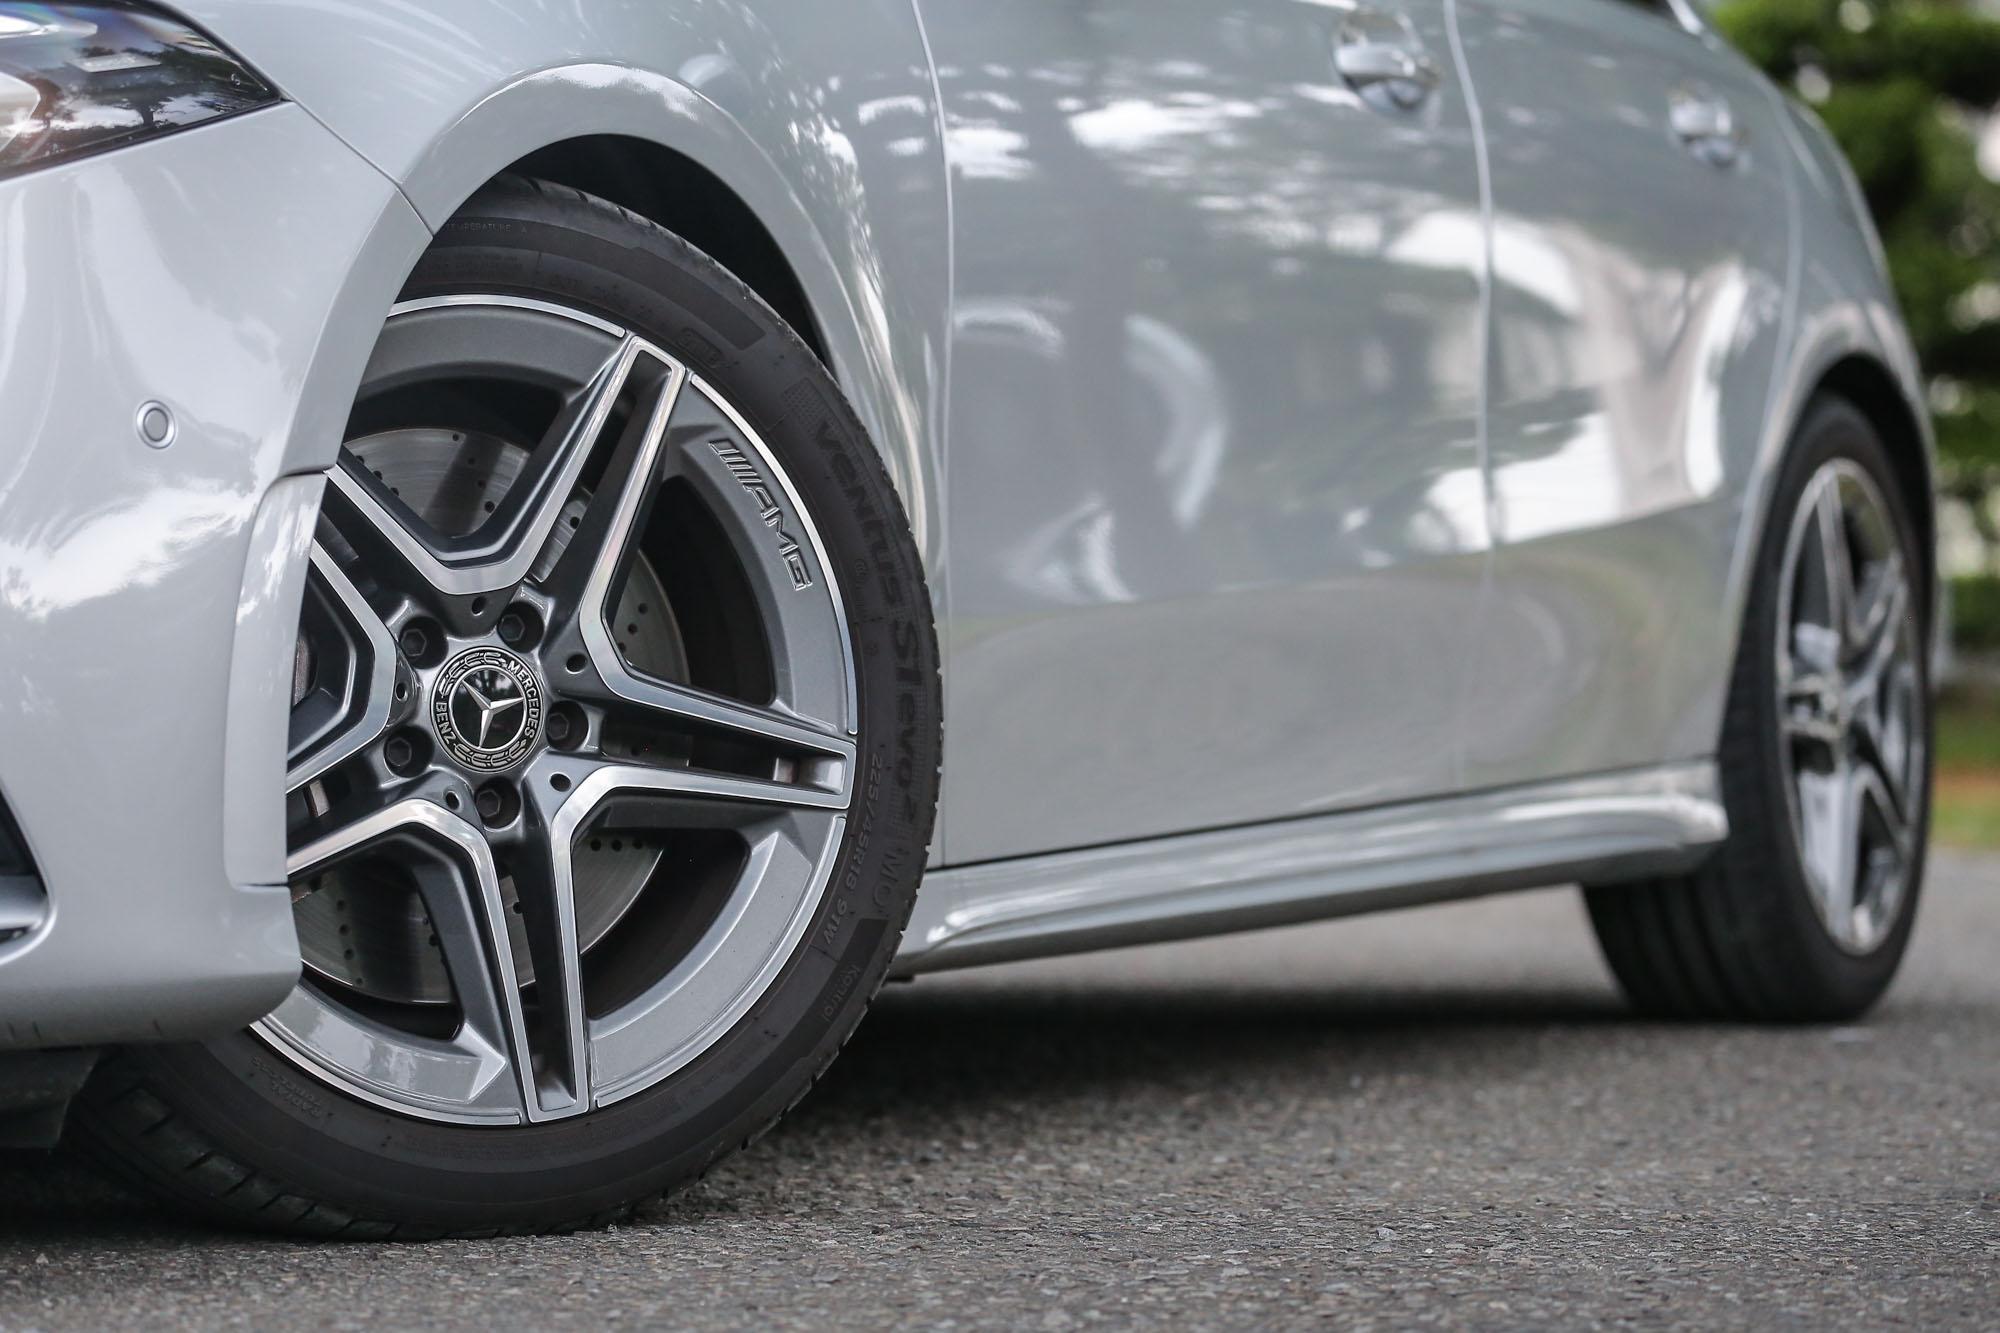 由於試駕主角為 A250 運動版車型,因此配上的是 18 吋 AMG 五輻式輪圈,對應的輪胎規格為 225/45 R18。